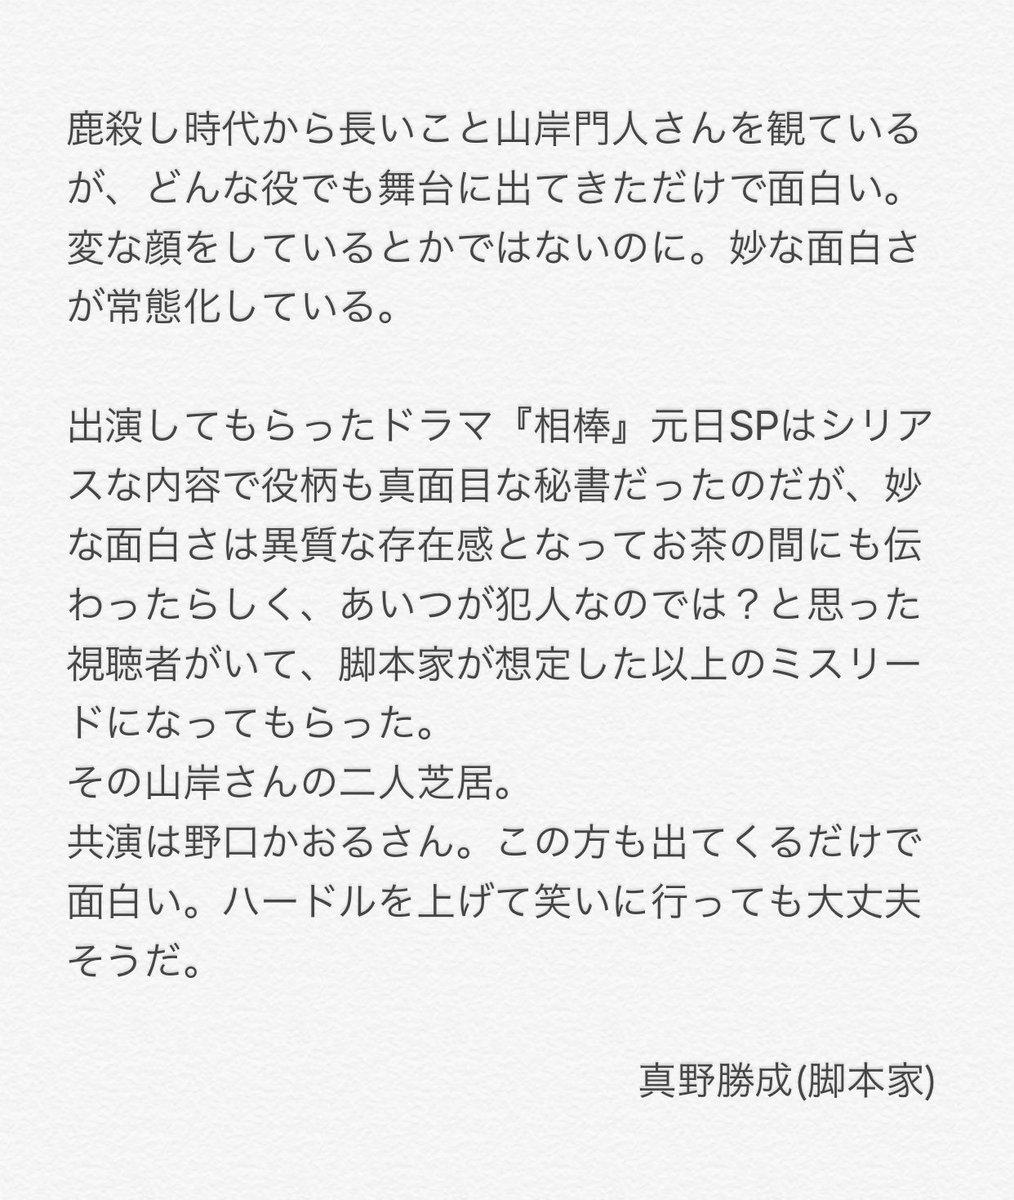 舞台「セイムタイム・ネクストイヤー」に応援コメントをいただきました!脚本家の #真野勝成 さんです。真野さんは、ニュースアプリNewsPicksでマンガ『ハードシングス』 の原作を担当されているとのこと。ありがとうございます!#セイムタイムネクストイヤー